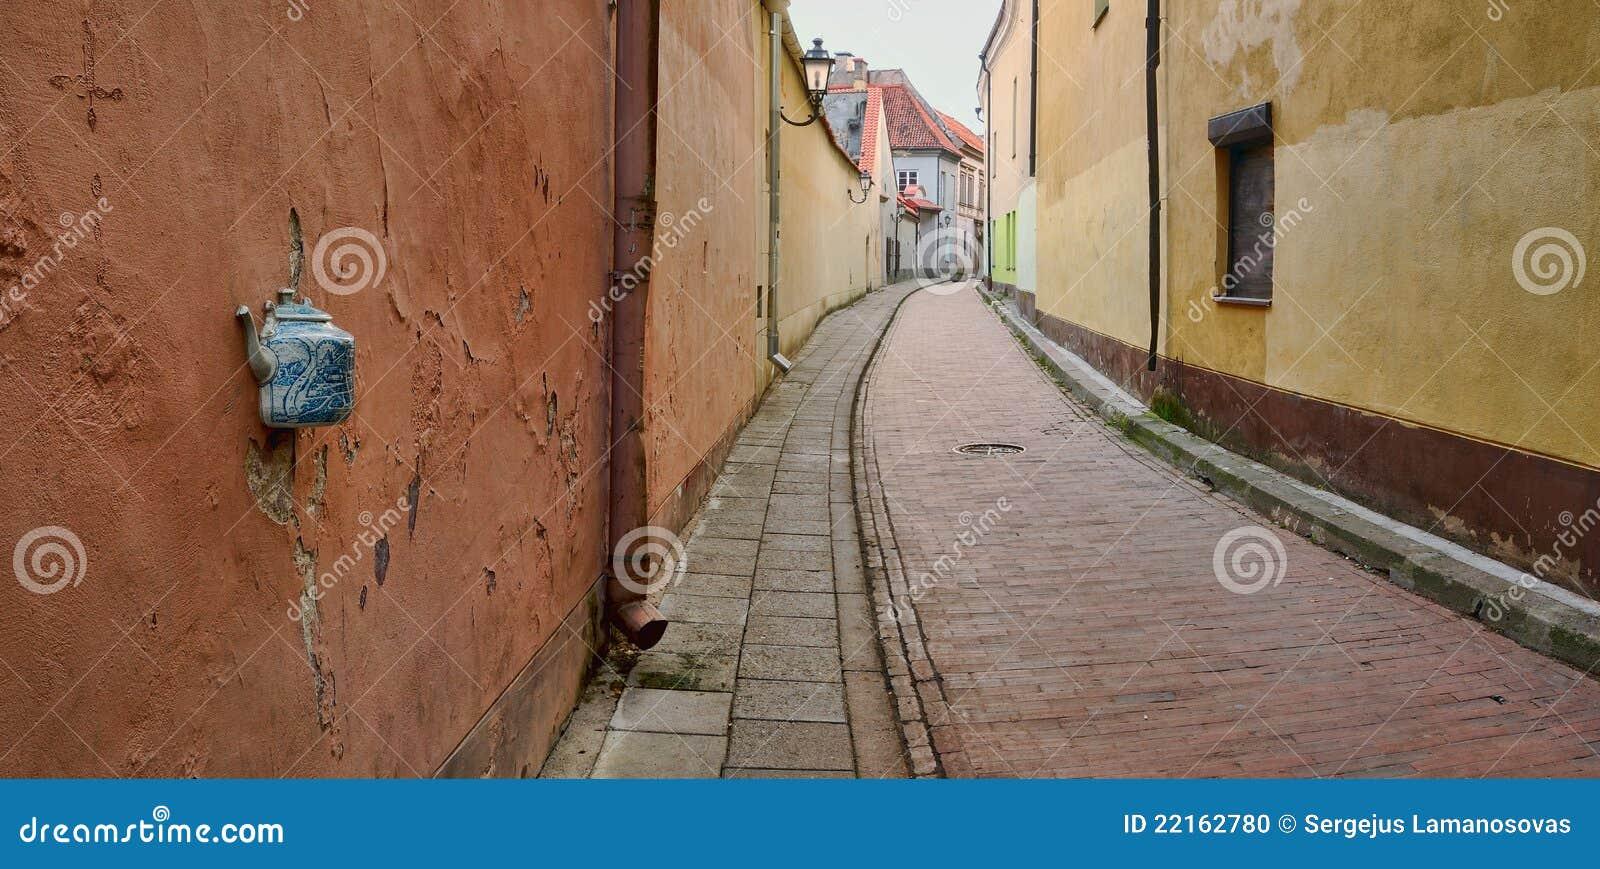 立陶宛老街道城镇维尔纽斯